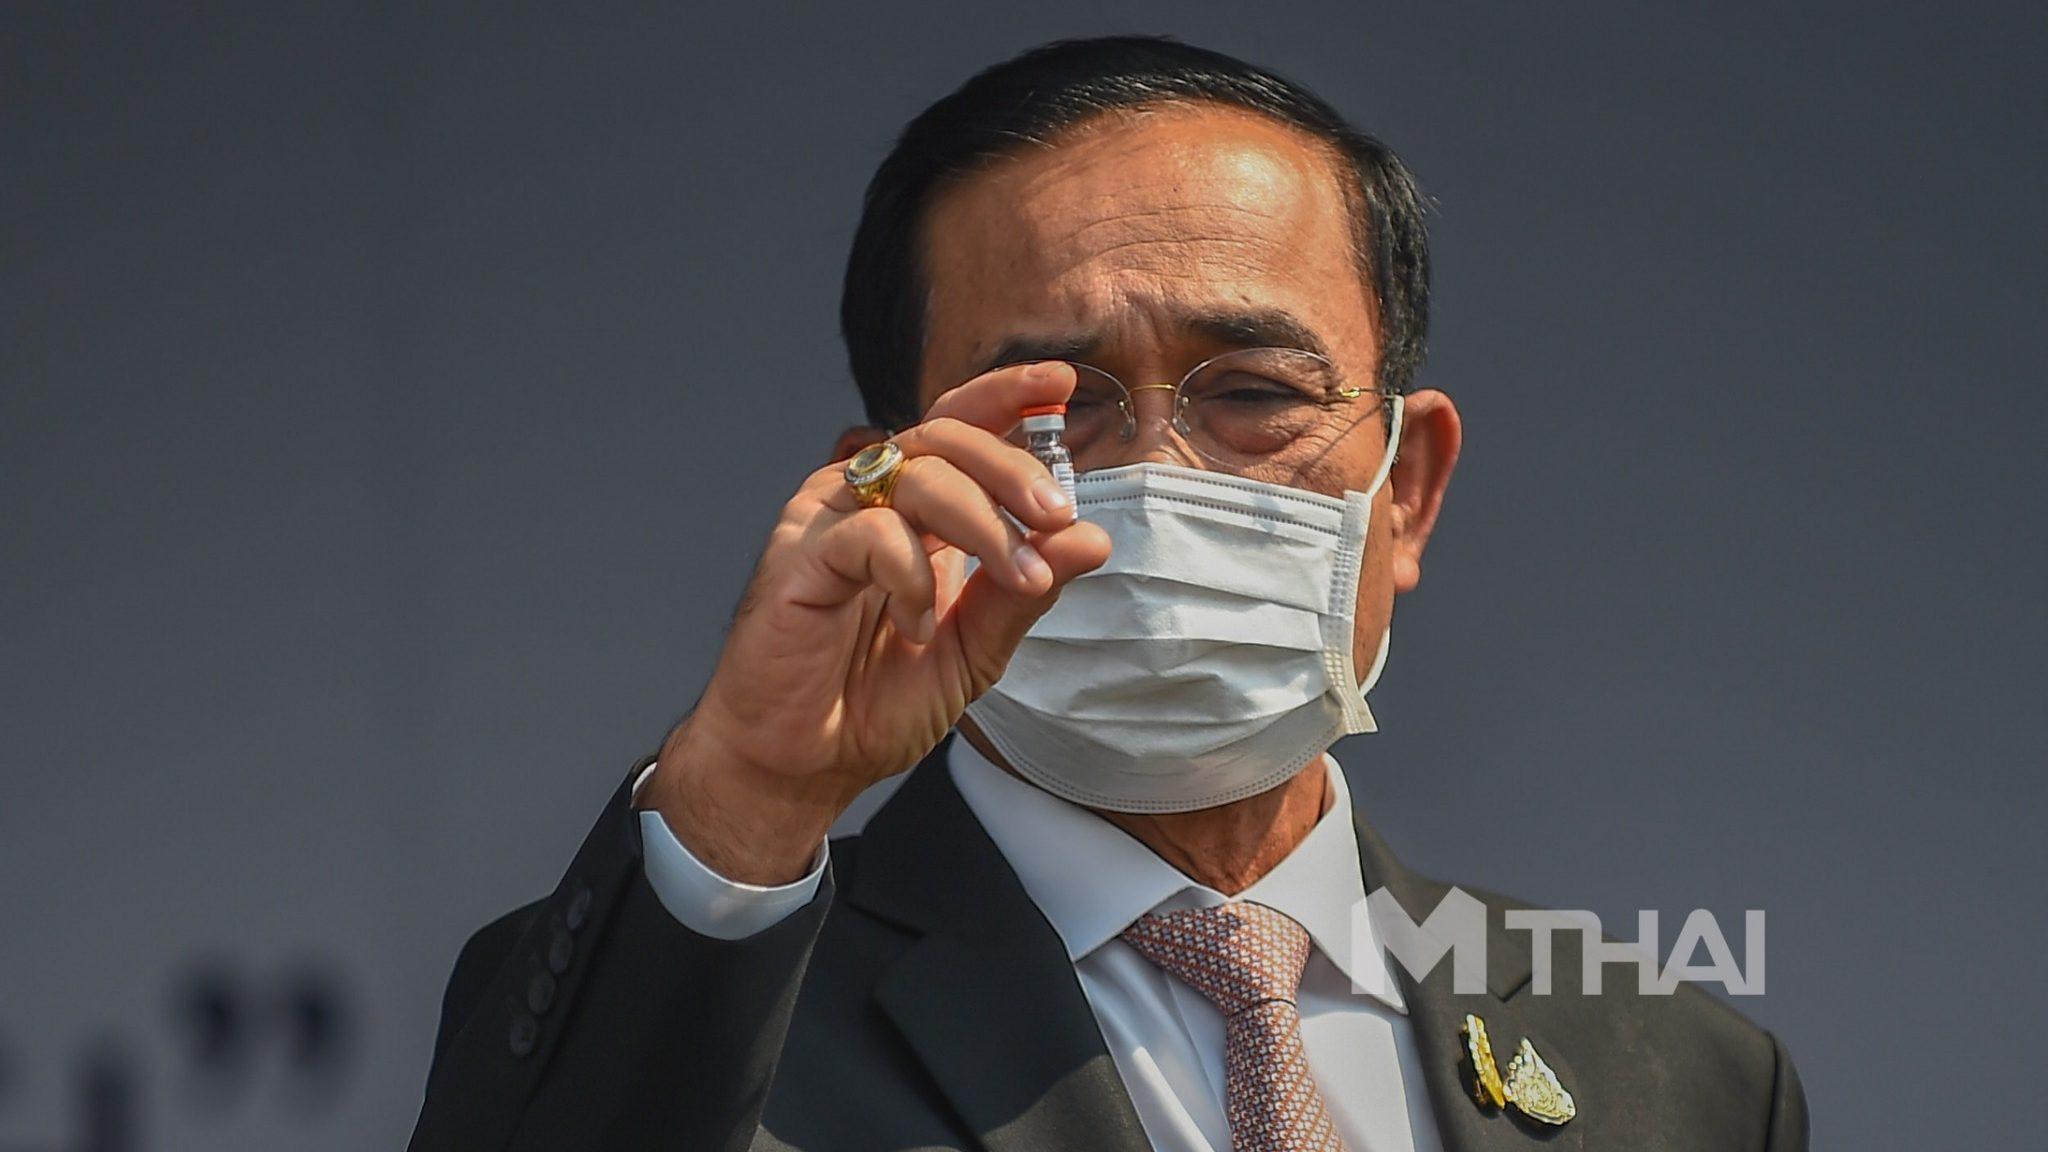 'วัคซีนโควิด' ถึงไทยแล้ว นายกฯ รับมอบถึงสนามบินสุวรรณภูมิ